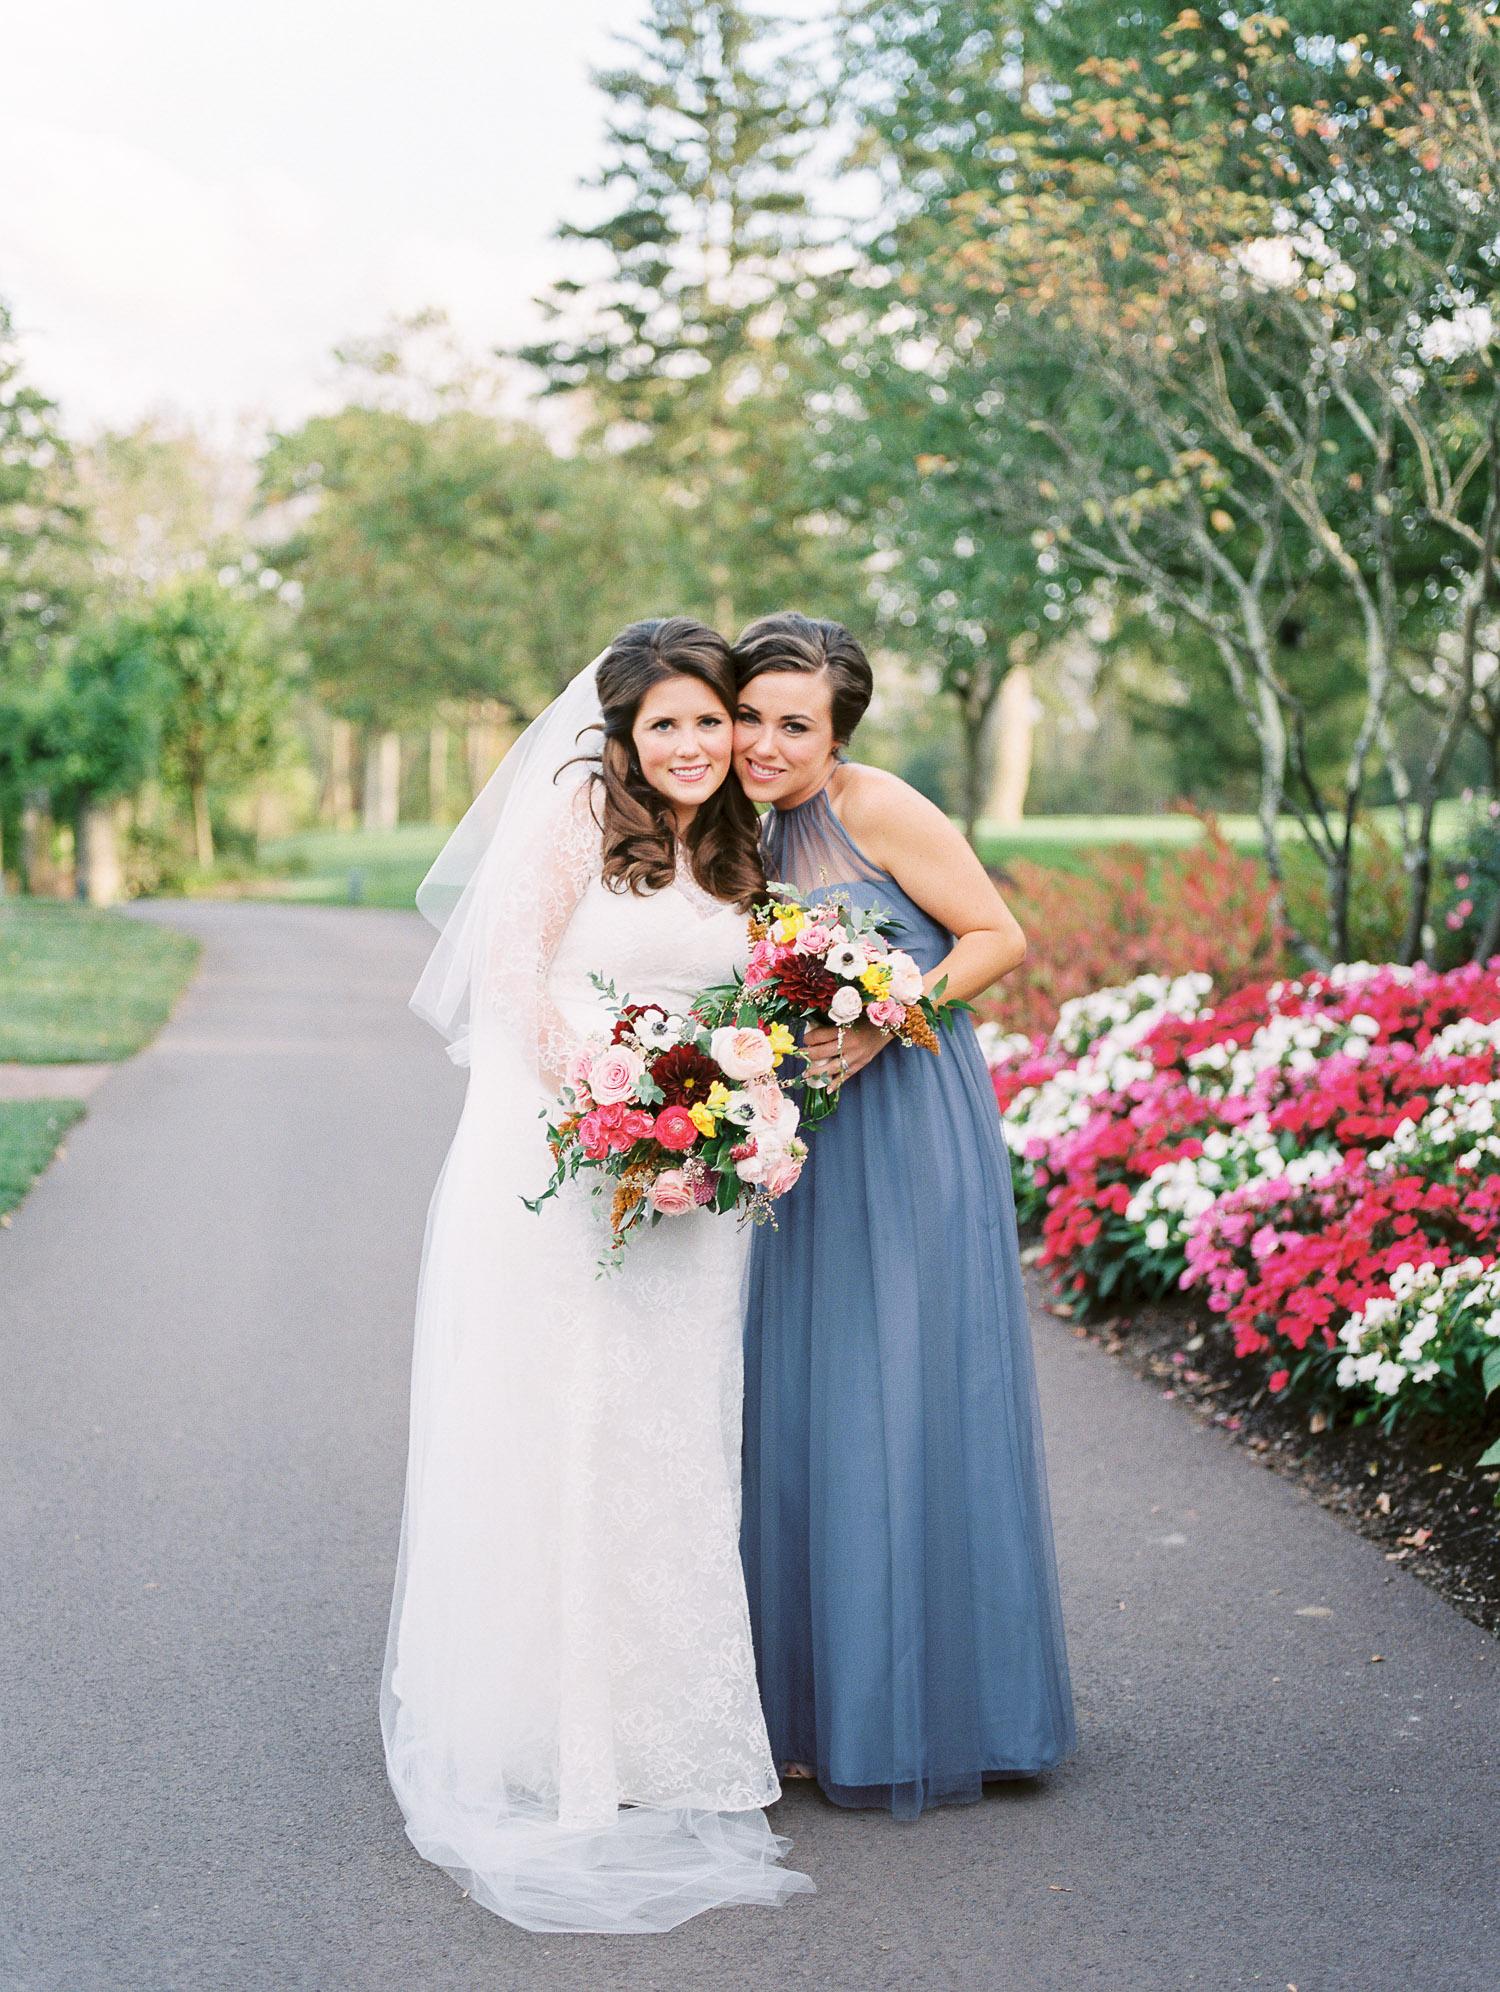 20171113_du_soleil_photographie_erin_charlie_wedding_wedding_party-76